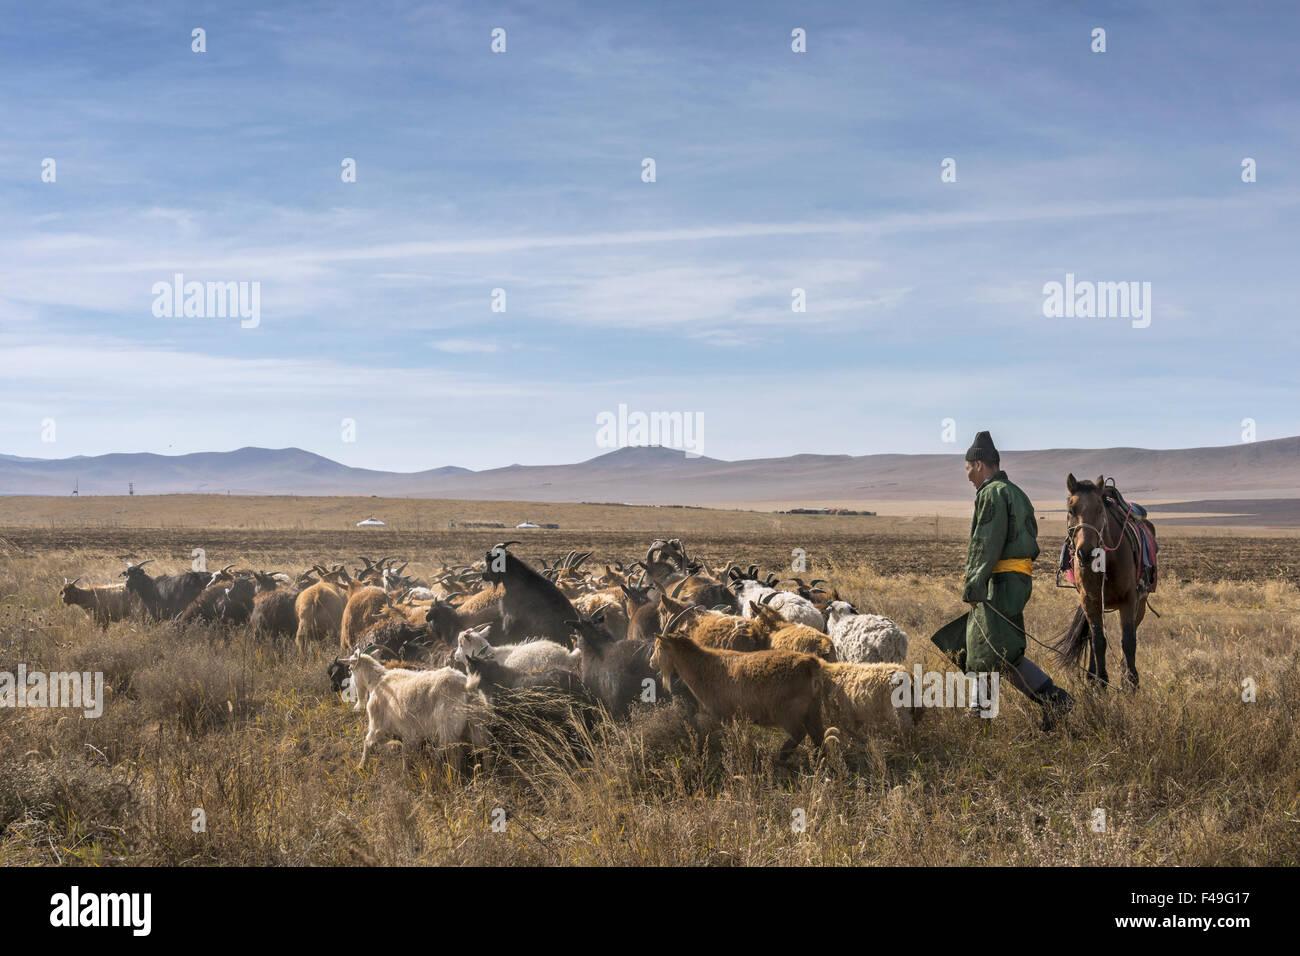 Pastores de Mongolia y su caballo conducir cabras Cashmere, cerca del Parque Nacional Hustai, Mongolia Imagen De Stock